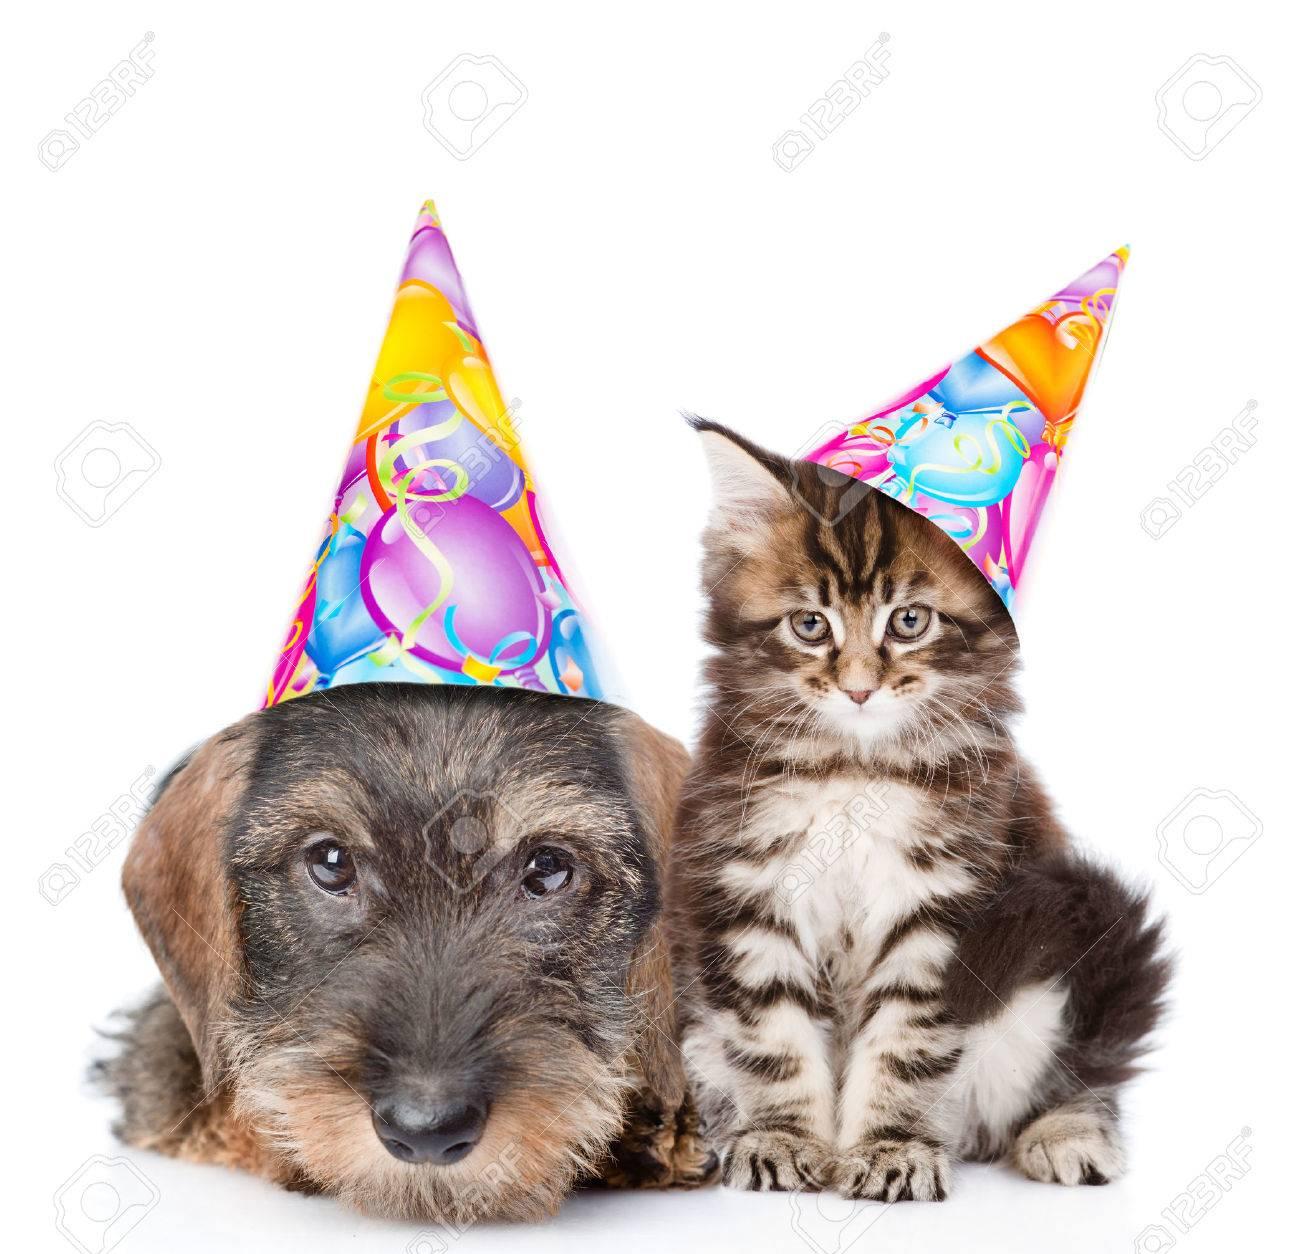 Katze Und Hund In Geburtstag Hute Blick In Die Kamera Zusammen